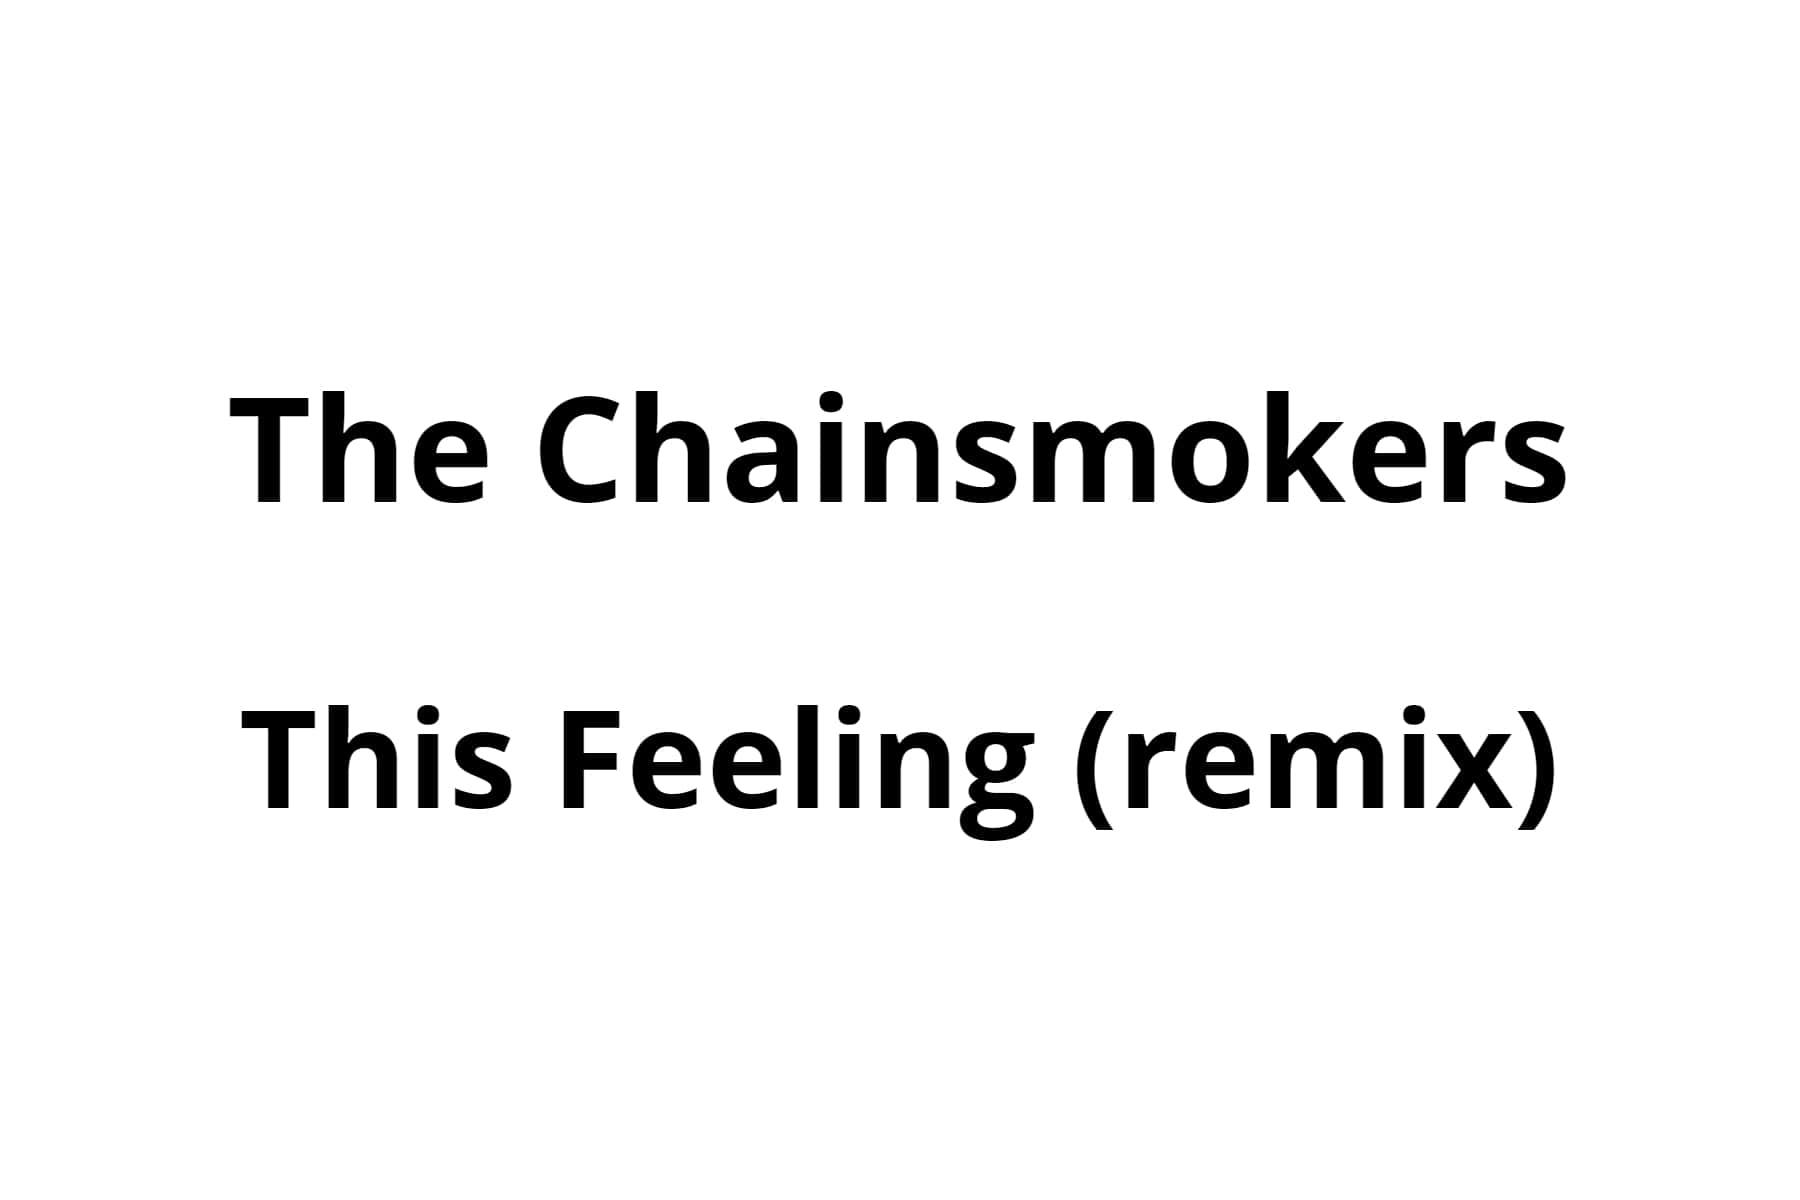 ザチェインスモーカーズ「This Feeling」リミックス版が4曲リリース!アフロジャックを筆頭に